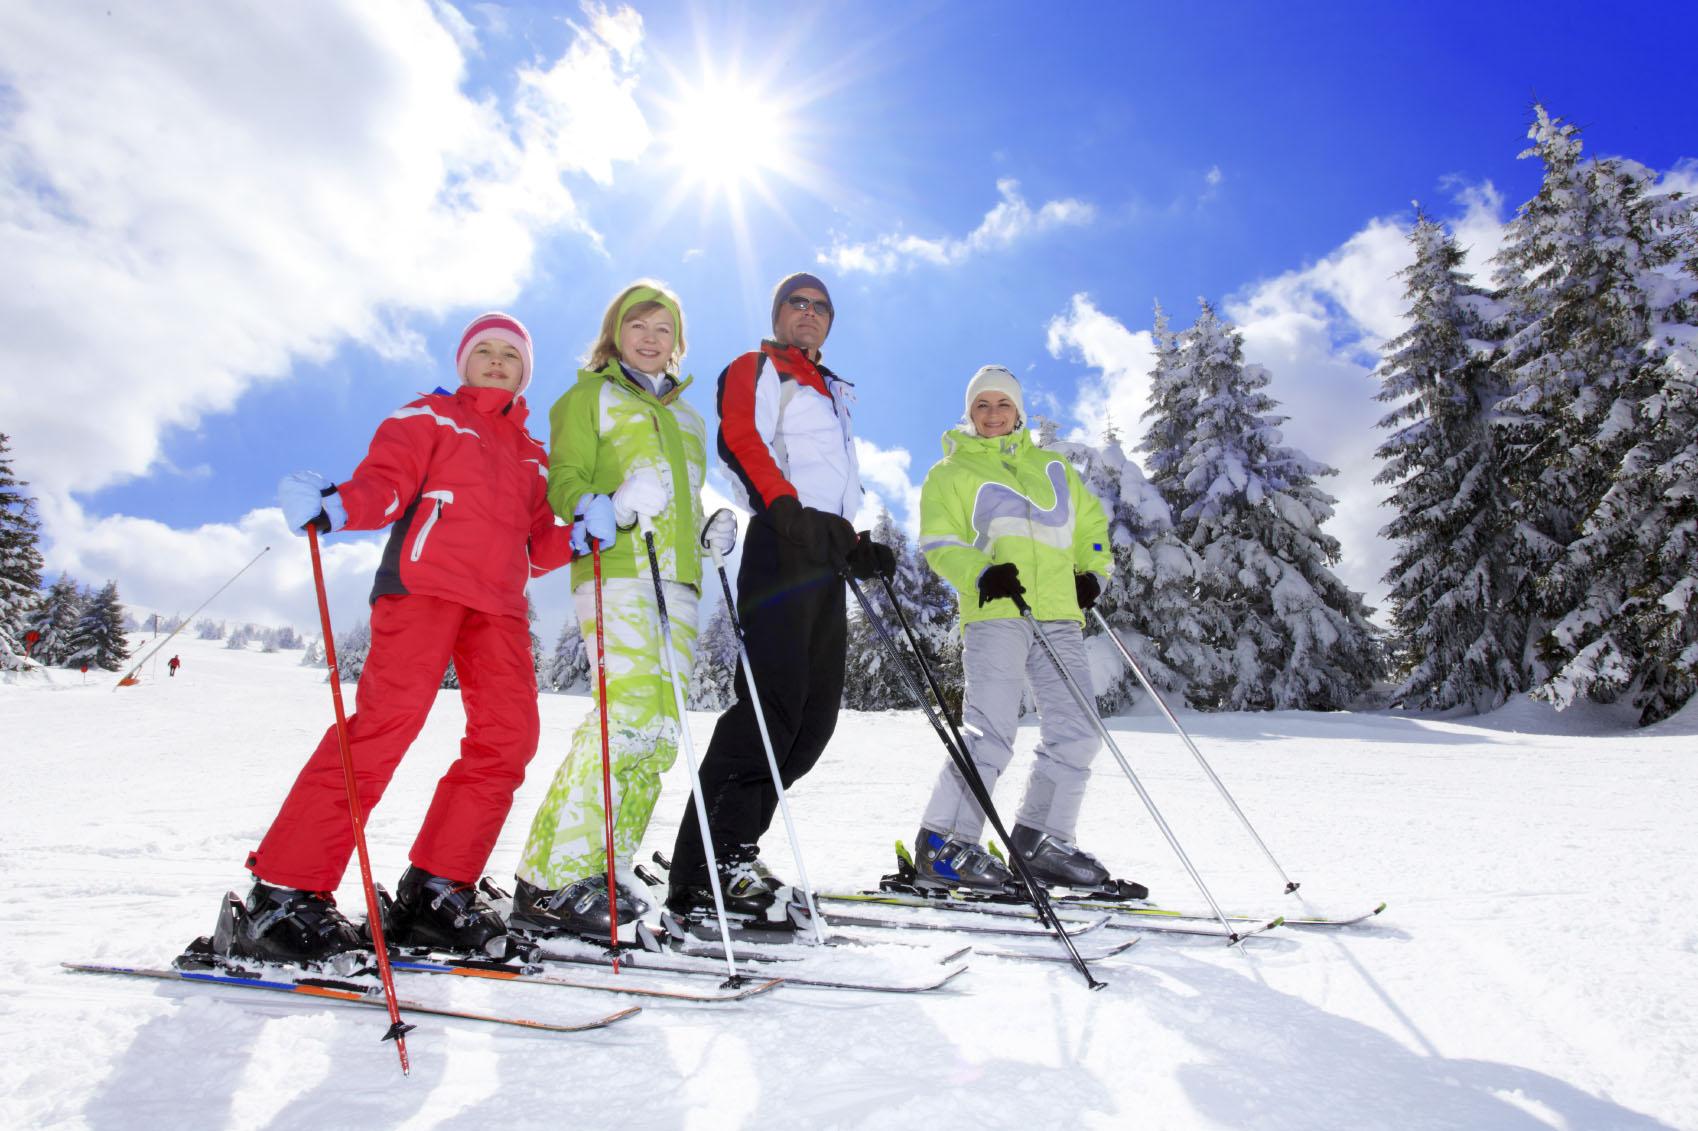 Happy family resting on ski resort.